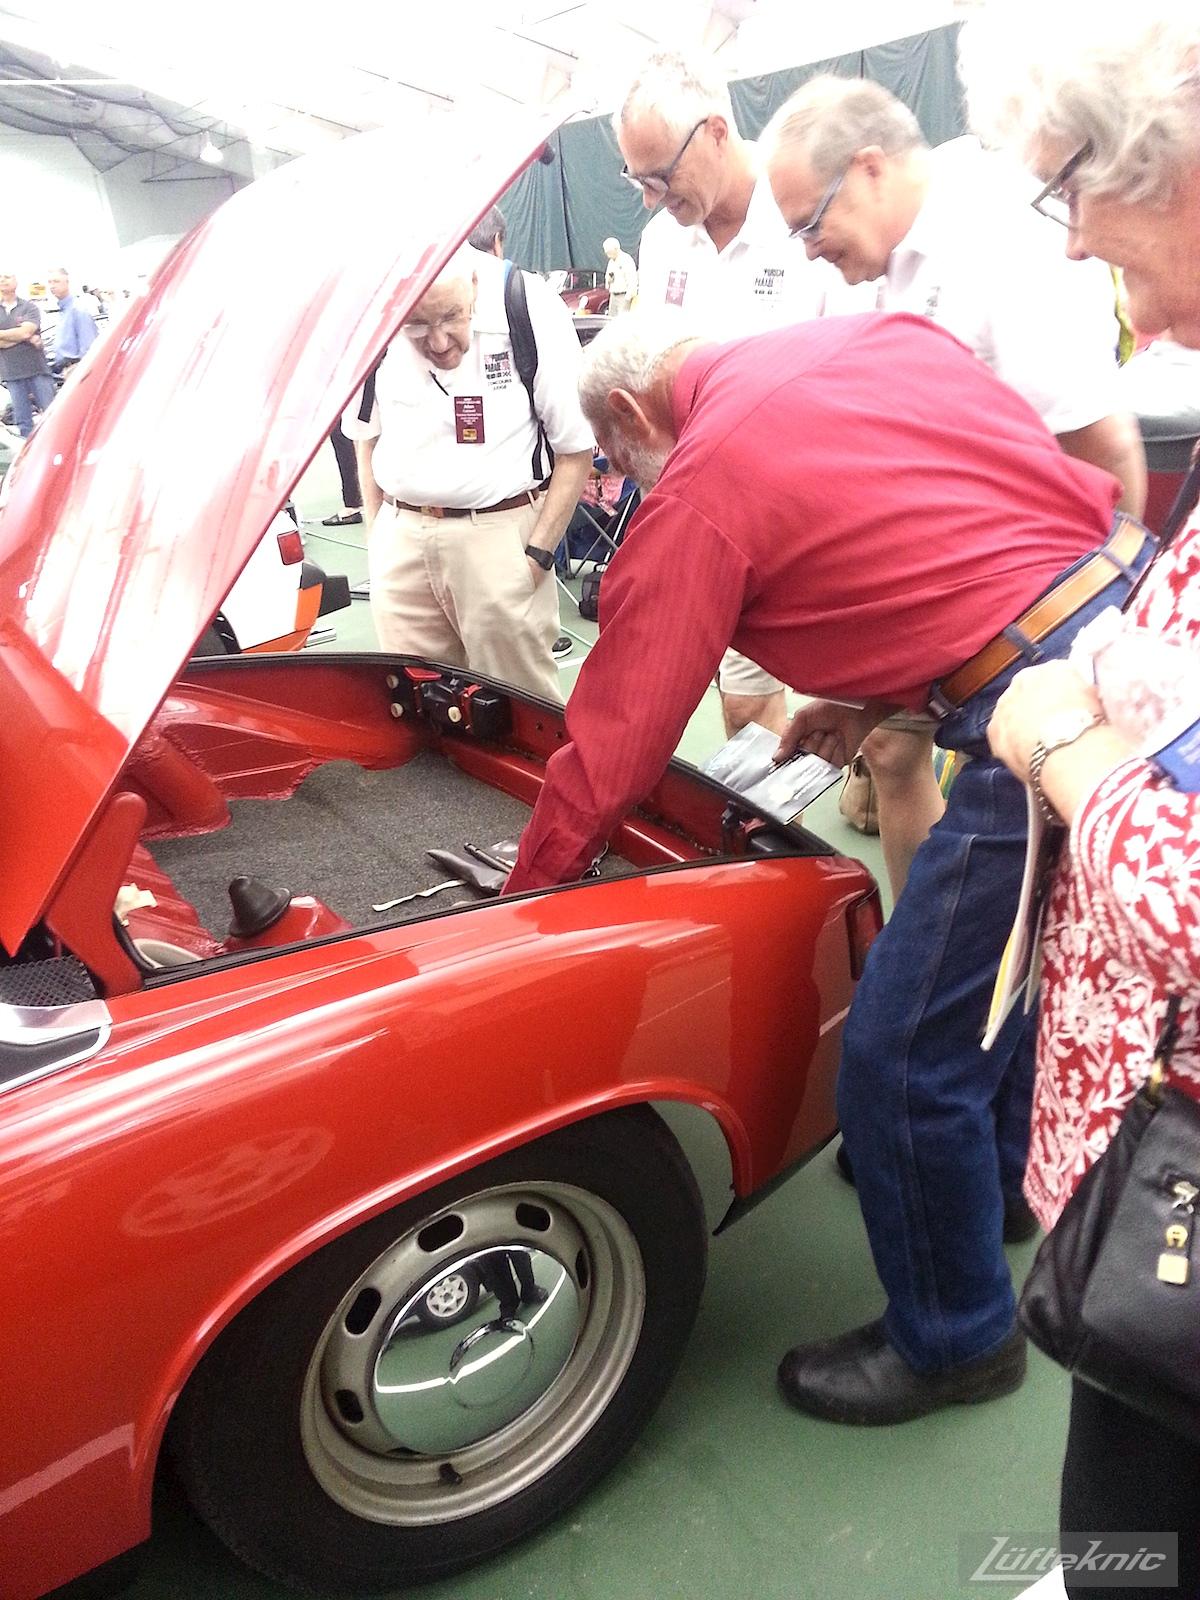 Original unrestored Red Porsche 914